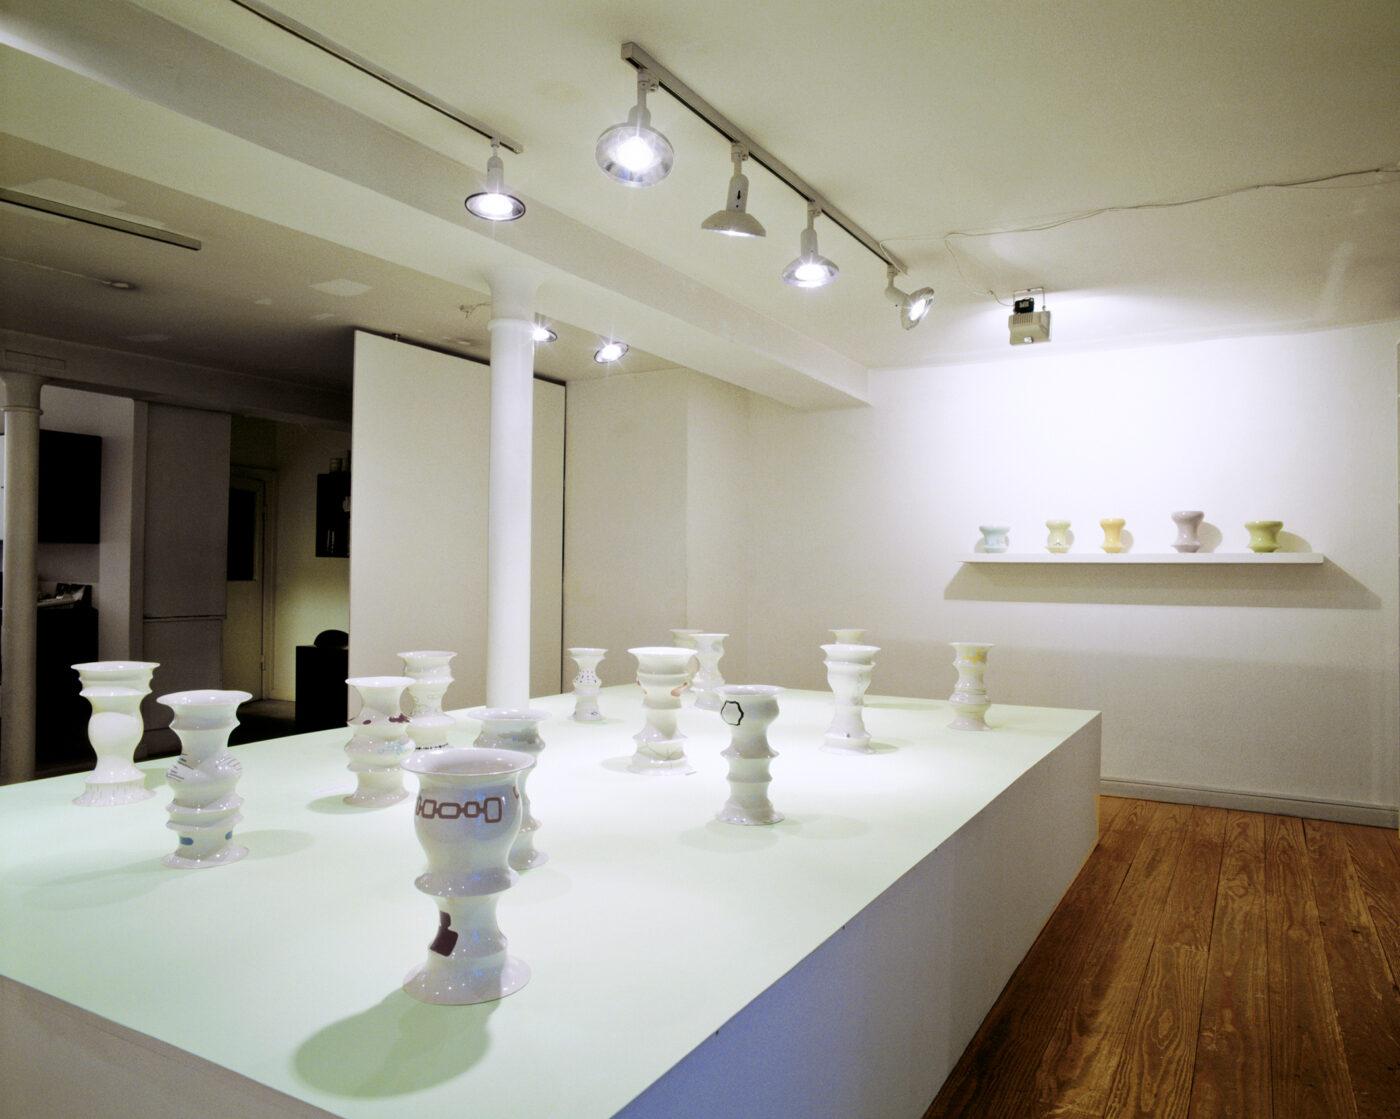 Keramiker Marianne Nielsen - Vaser, Galleri Nørby, 2003, foto: Søren Nielsen